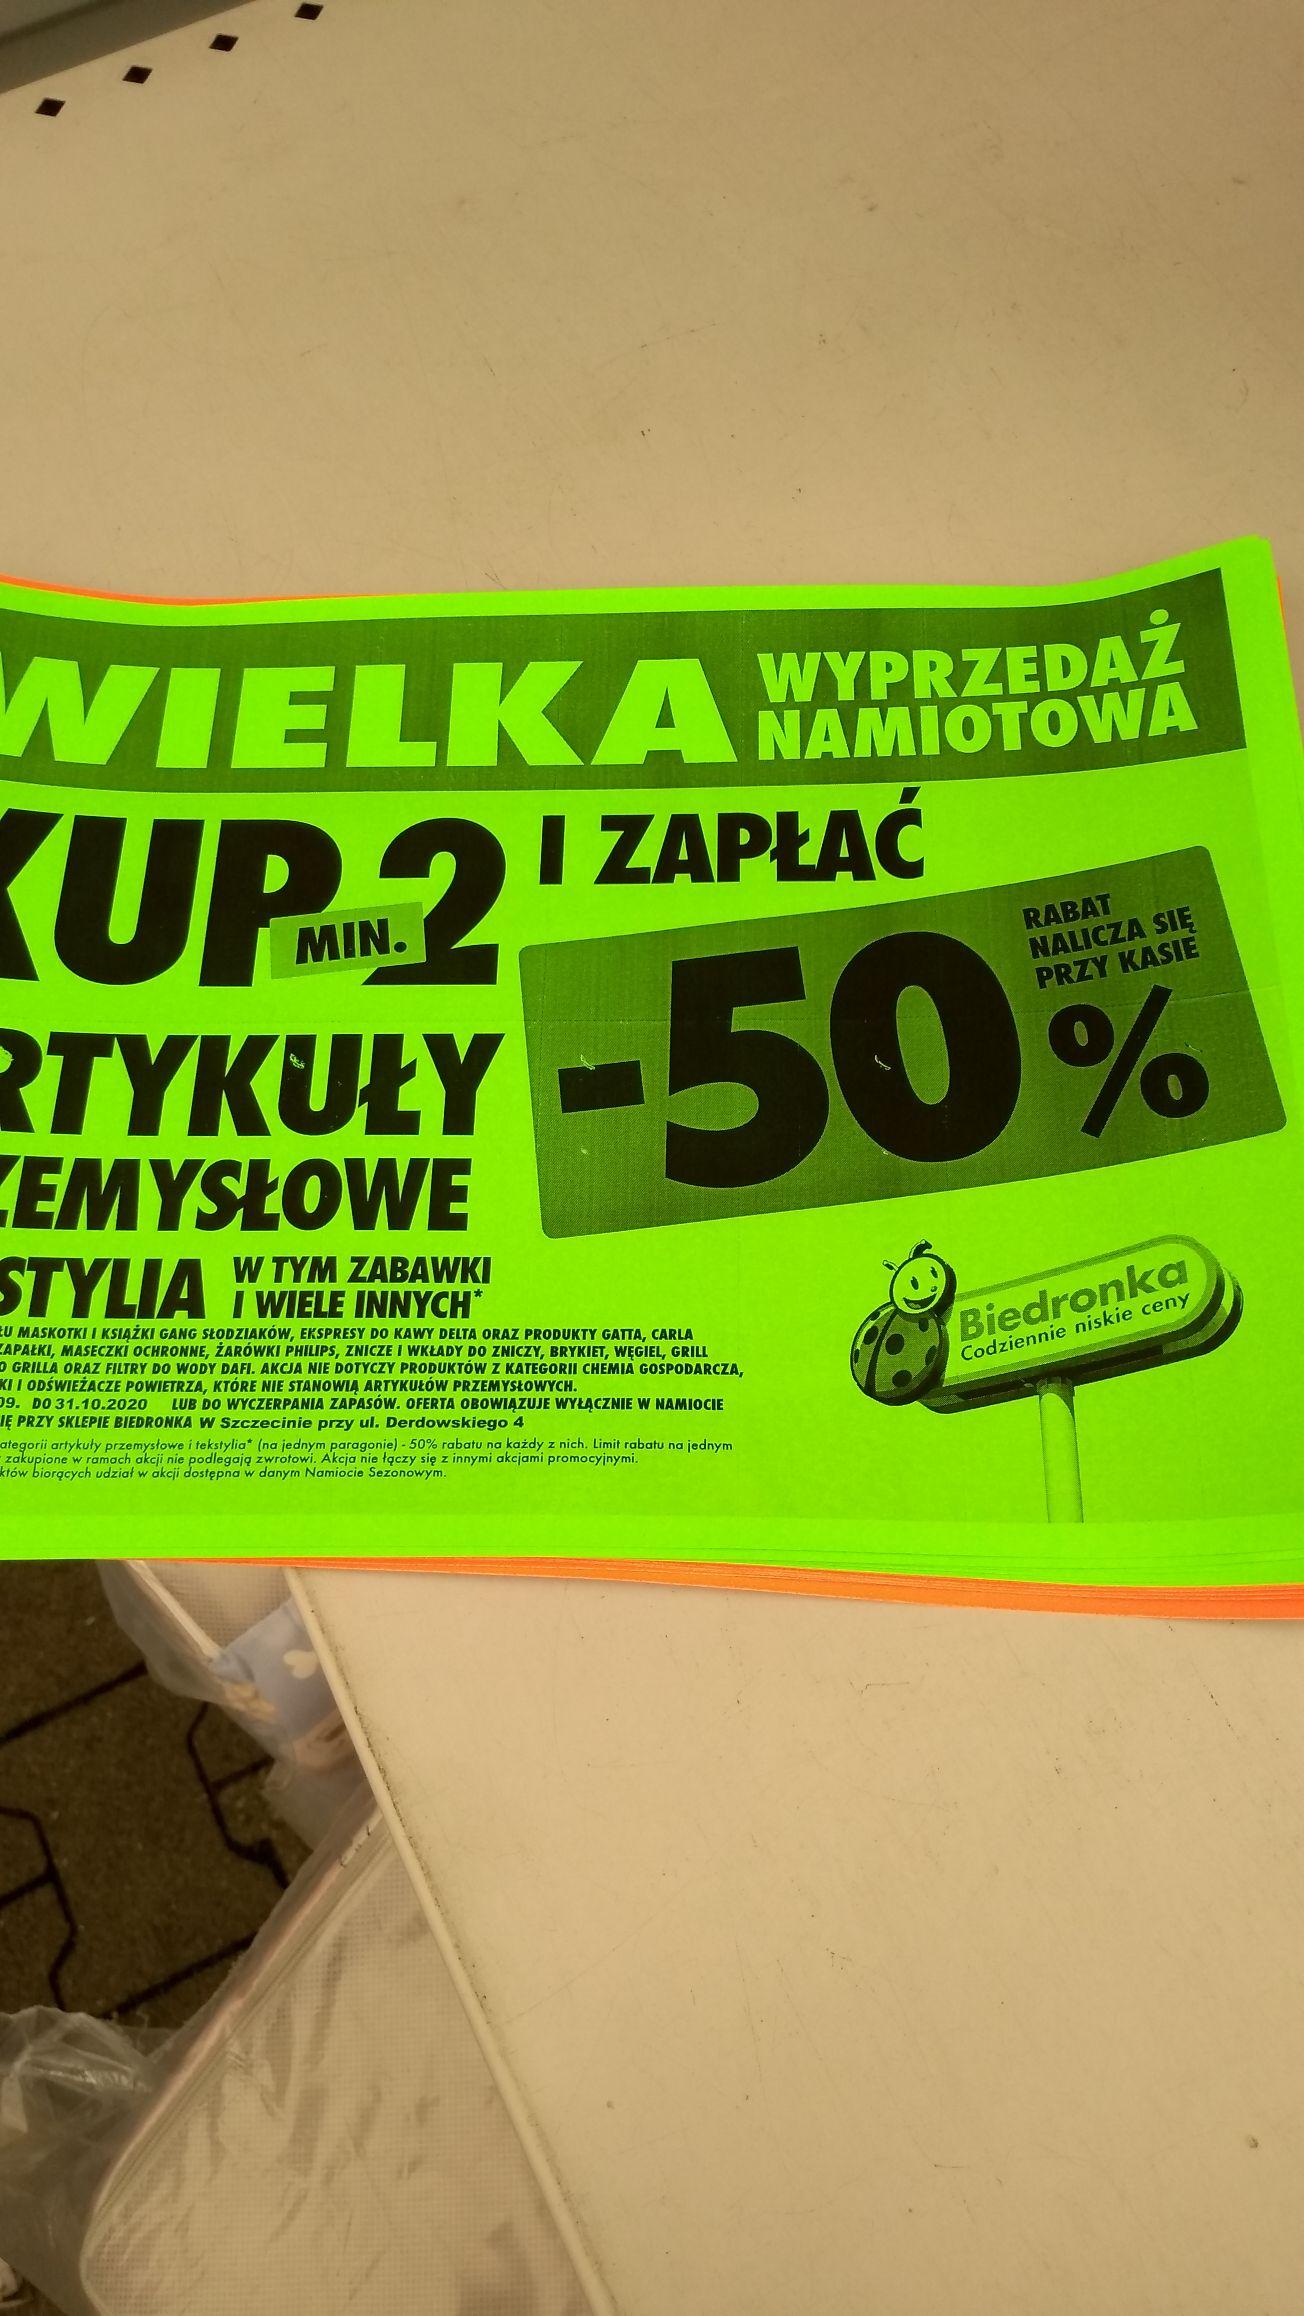 Outlet Biedronka (namiot) Derdowskiego Szczecin.